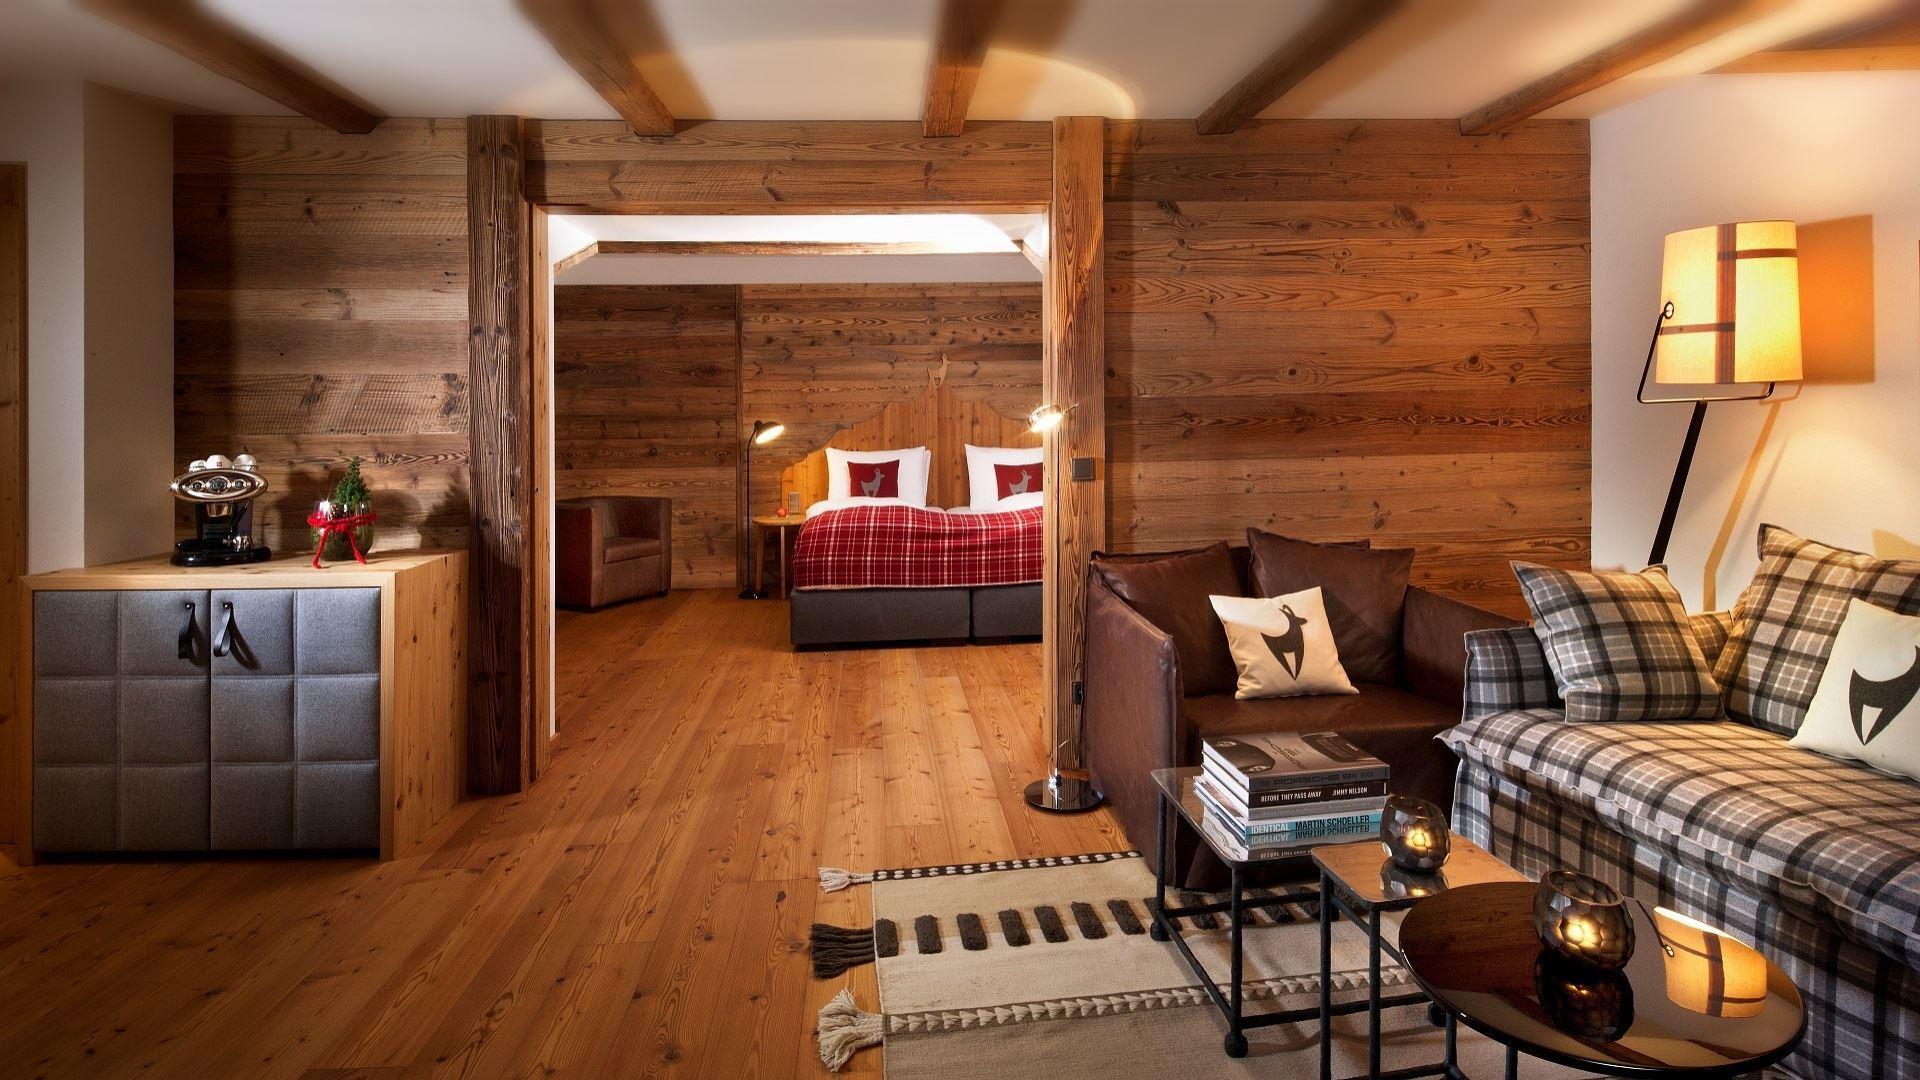 Zimmer suiten in der galerie des hotel kitzhof entdecken for Zimmer hotel